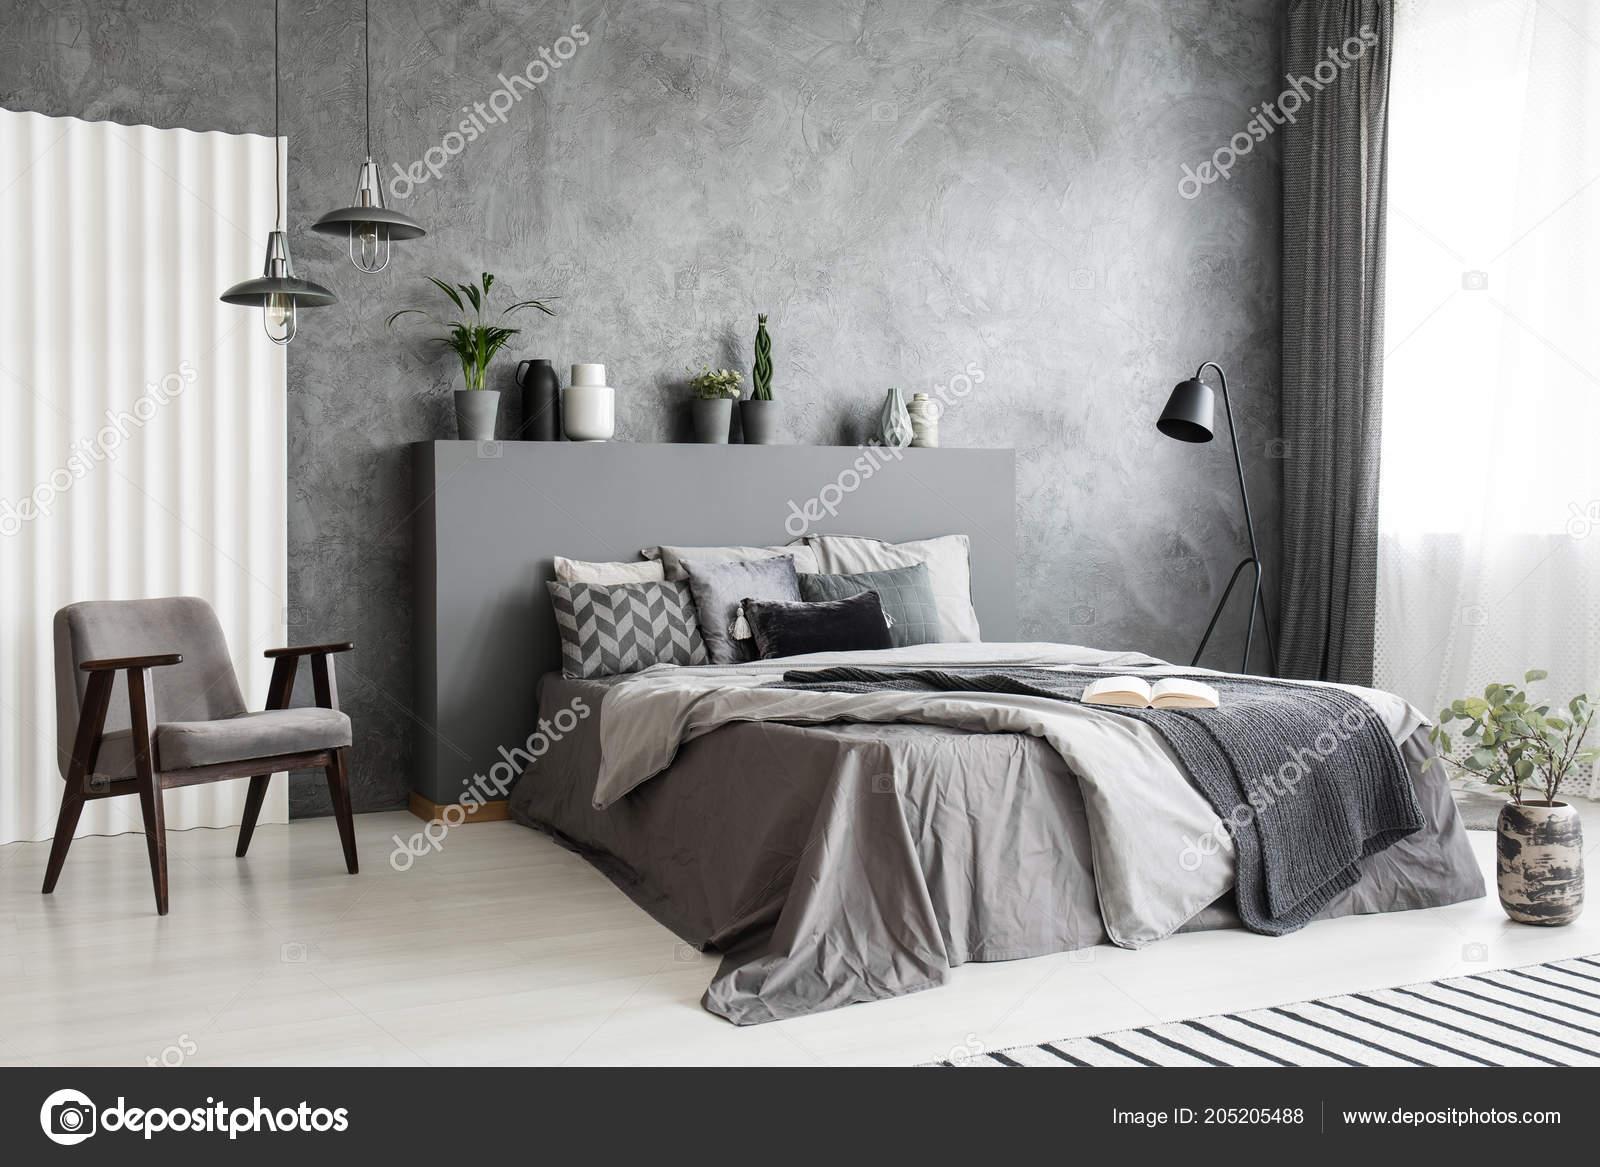 Moderne Grau Schlafzimmer Innenraum Mit Großem Bett Mit Kissen Und ...